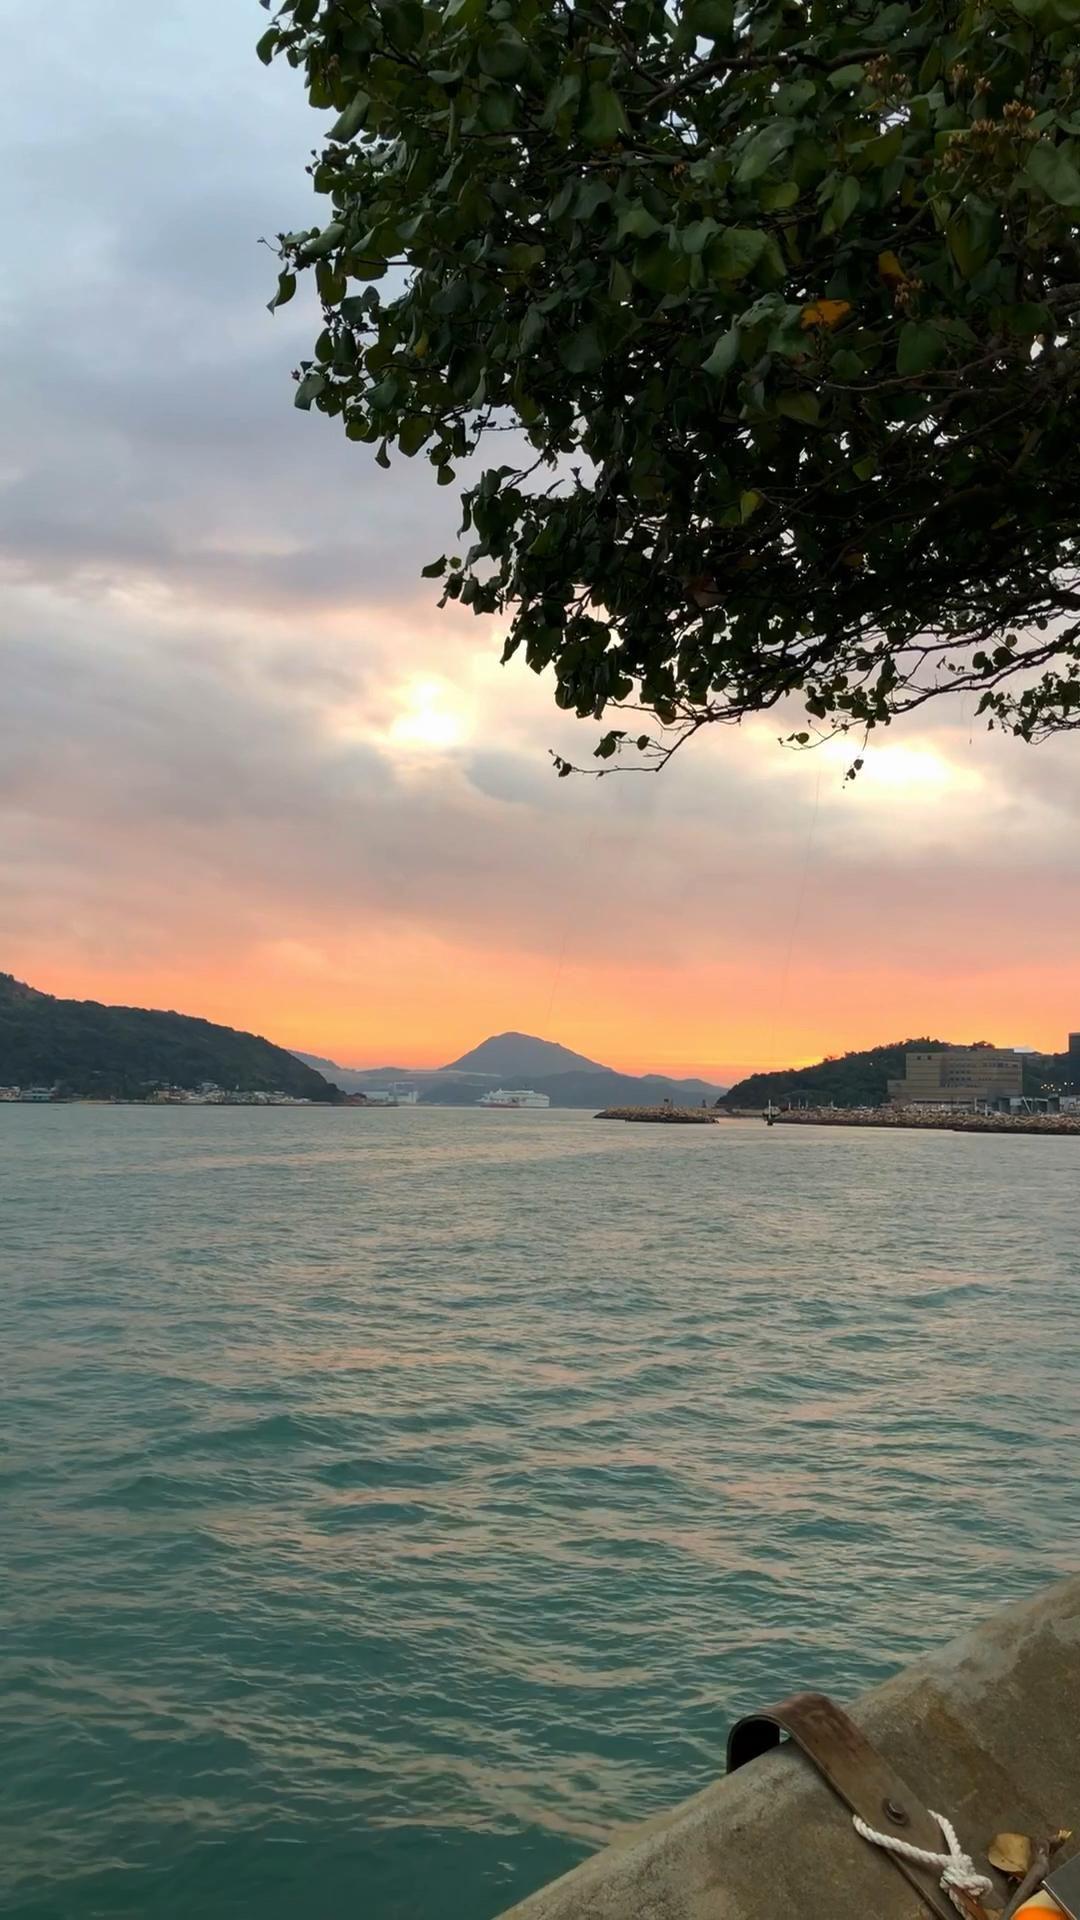 Morning vibes at quarry bay park, Hongkong